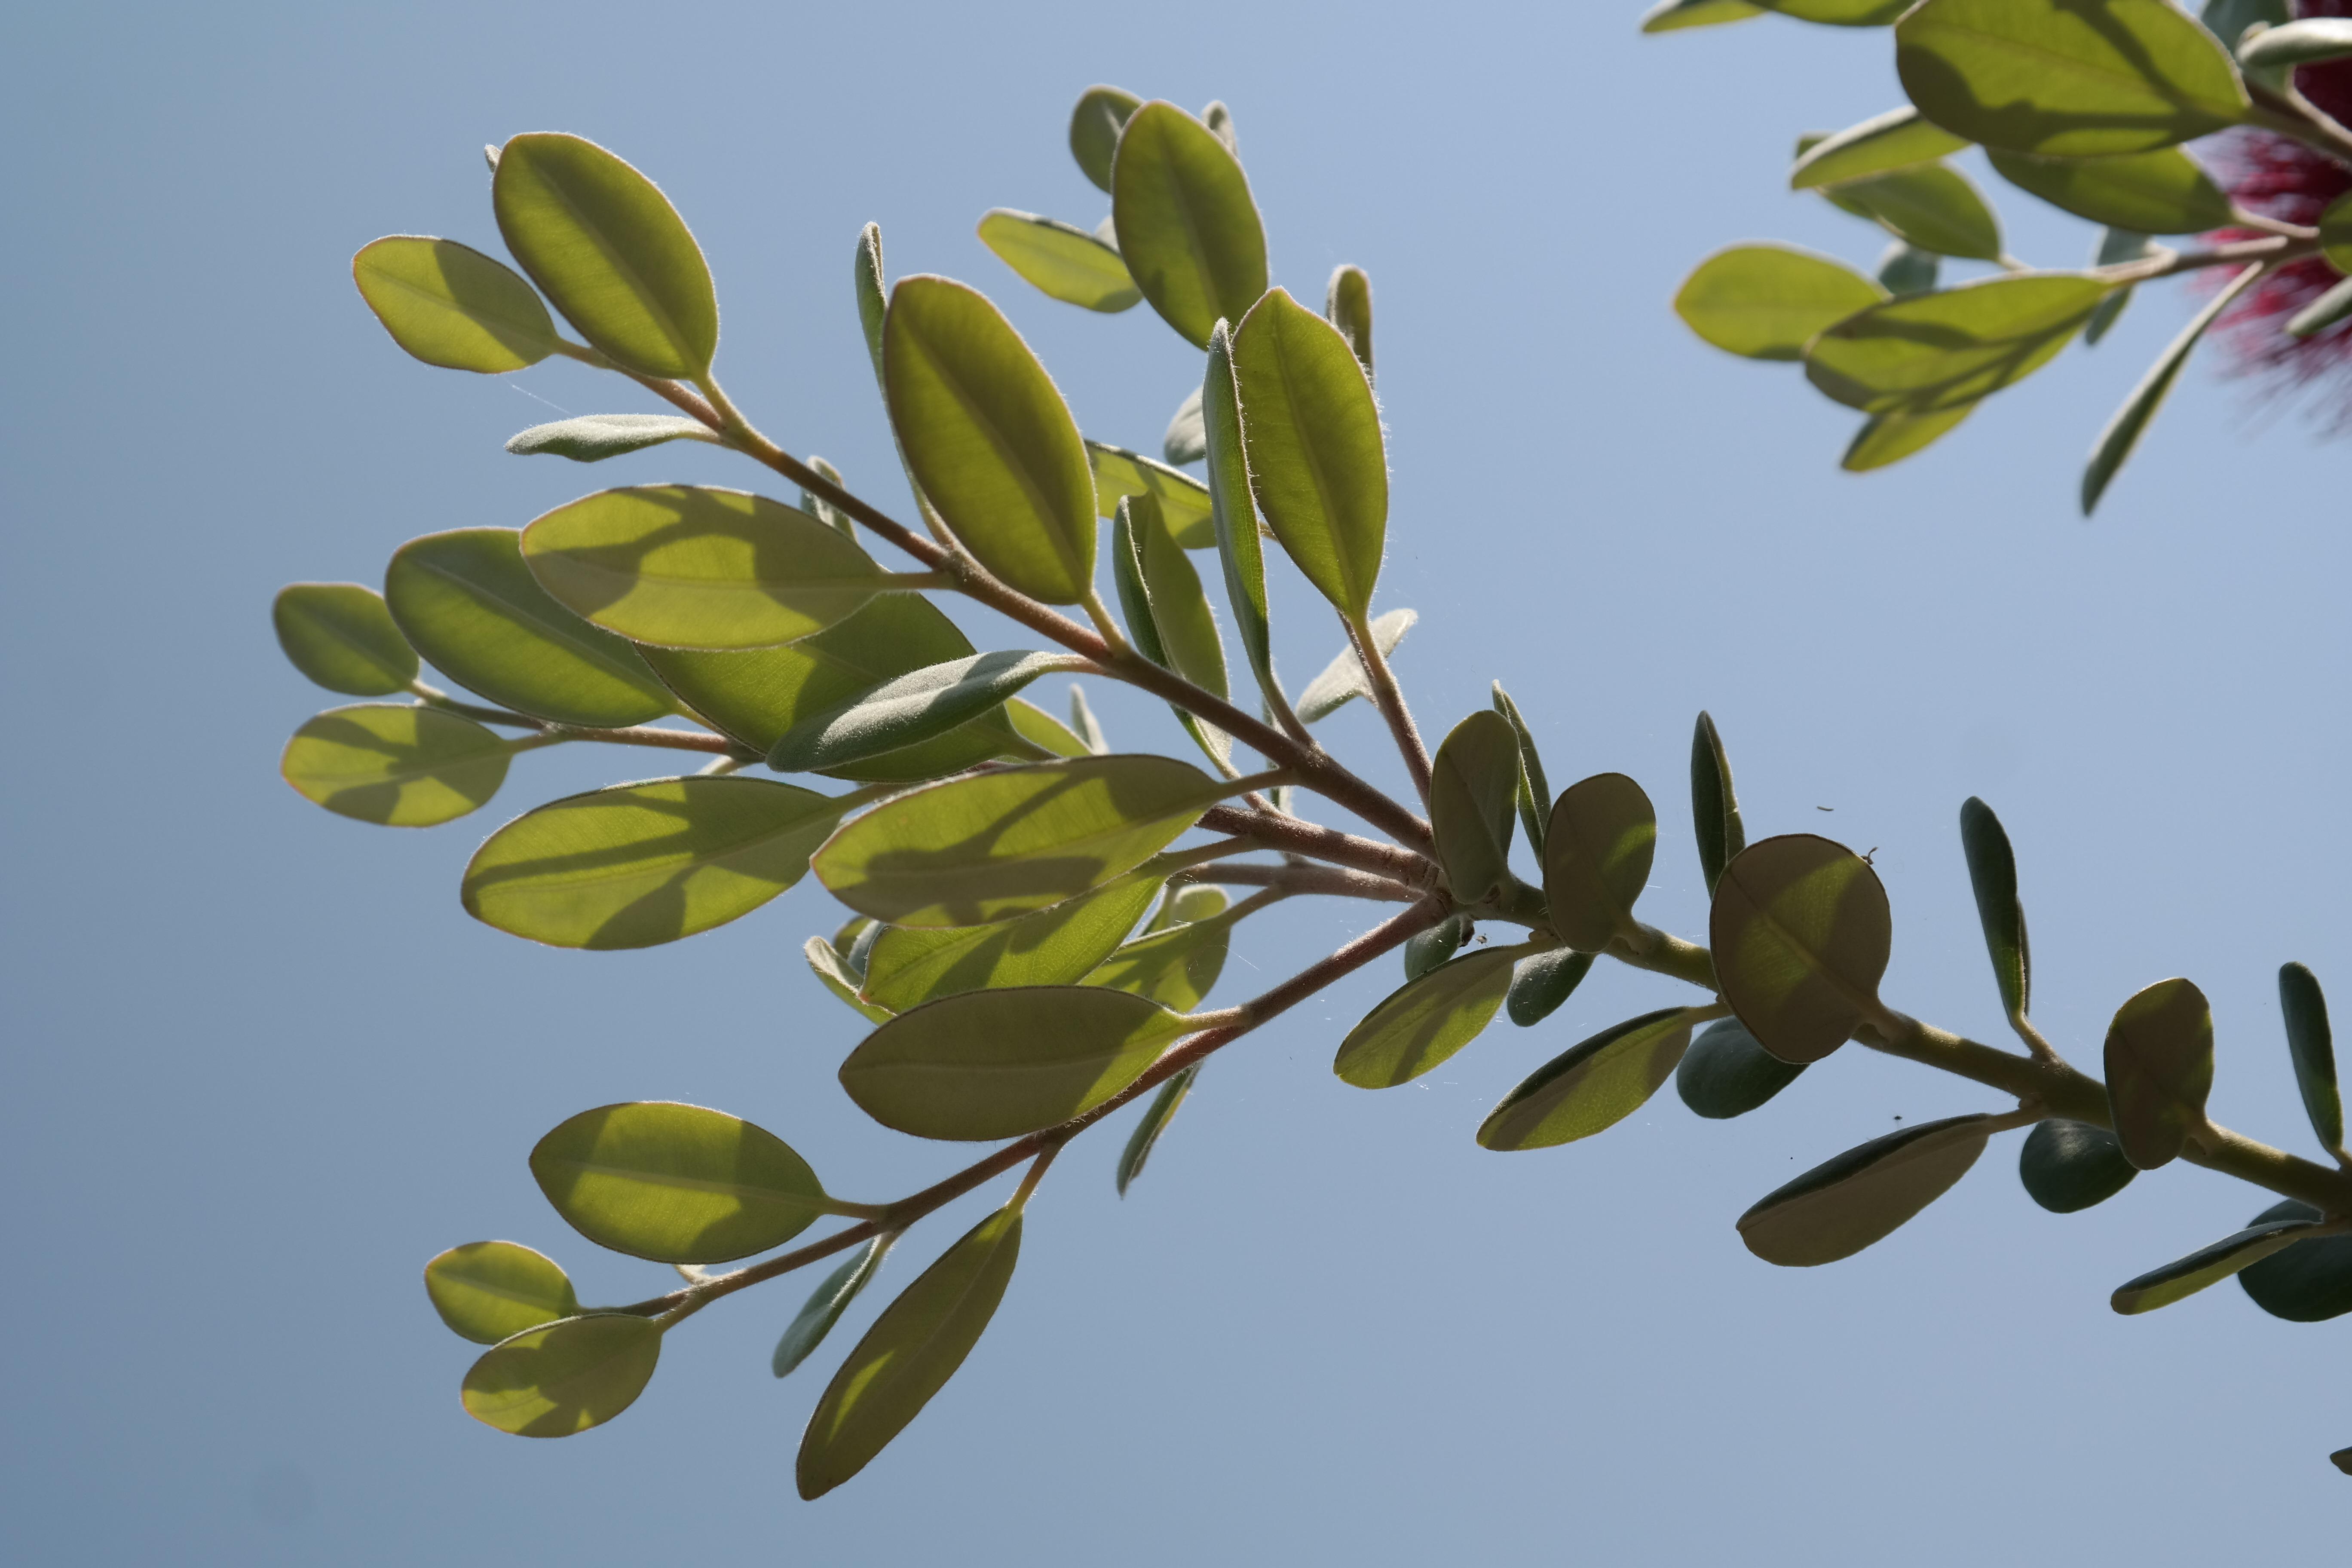 Free Images Branch Blossom Fruit Leaf Flower Food Produce